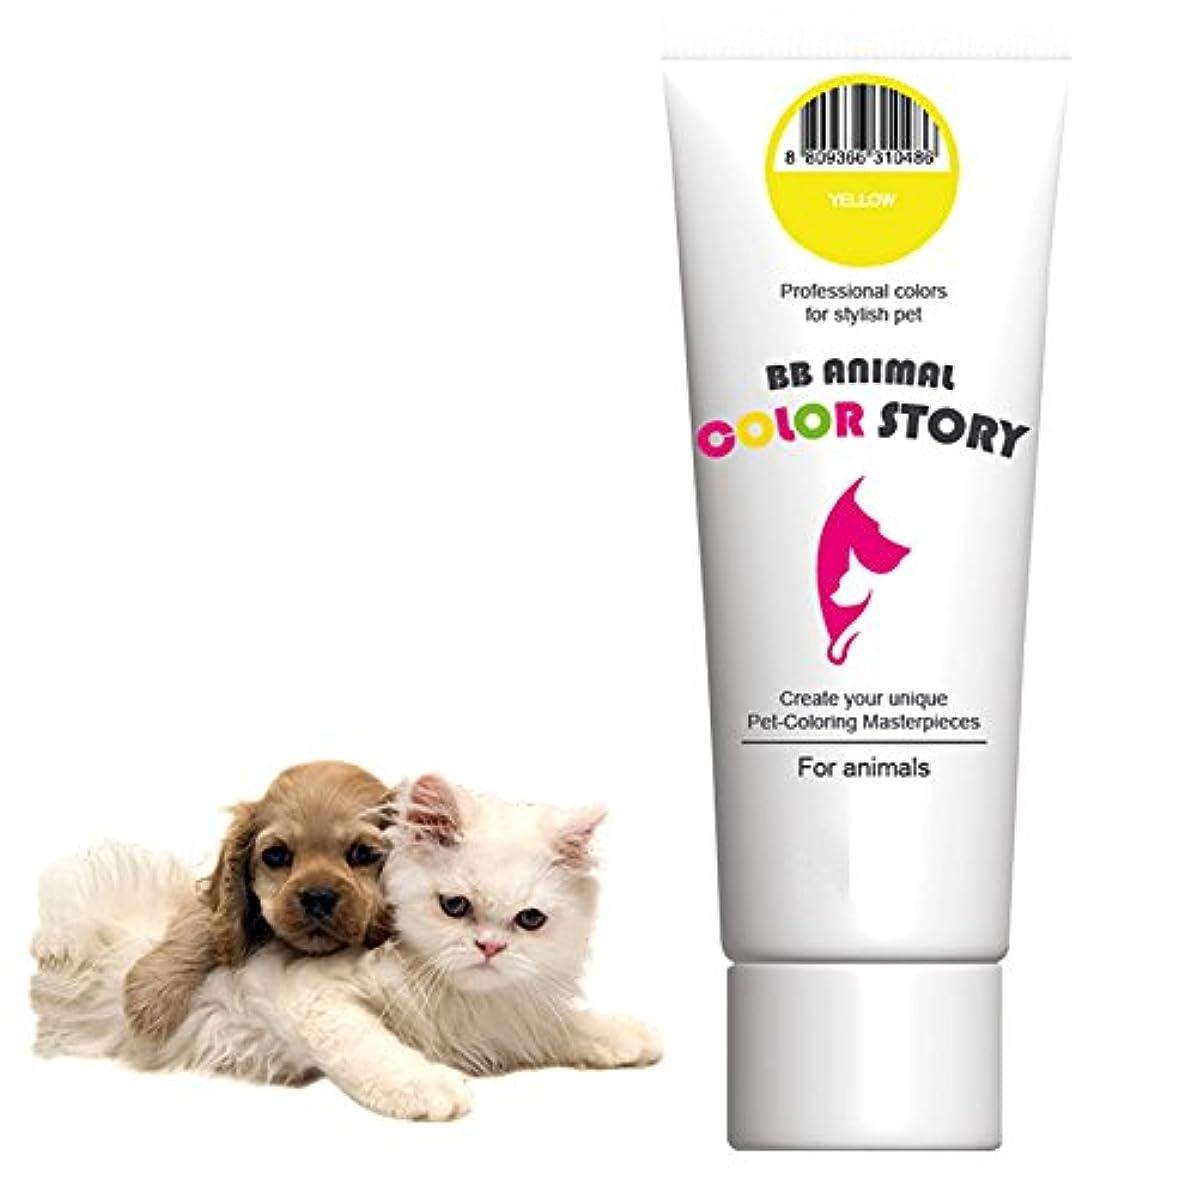 ジャンク脇に波毛染め, 犬ヘアダイ Yellow カラーリング Dog Hair Hair Bleach Dye Hair Coloring Professional Colors for Stylish Pet 50ml 並行輸入